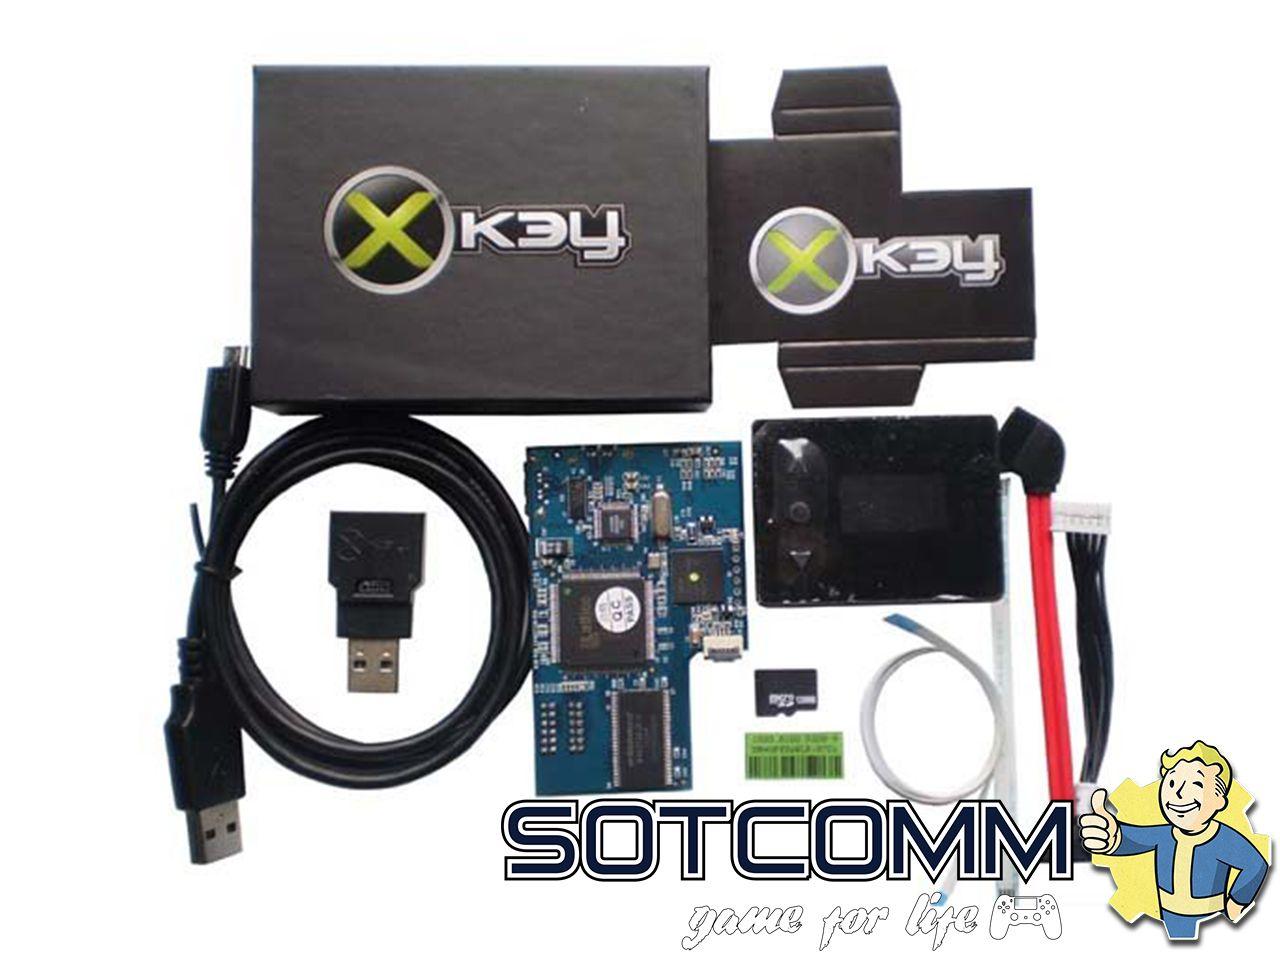 Установка Xkey на Xbox 360 в Челябинске